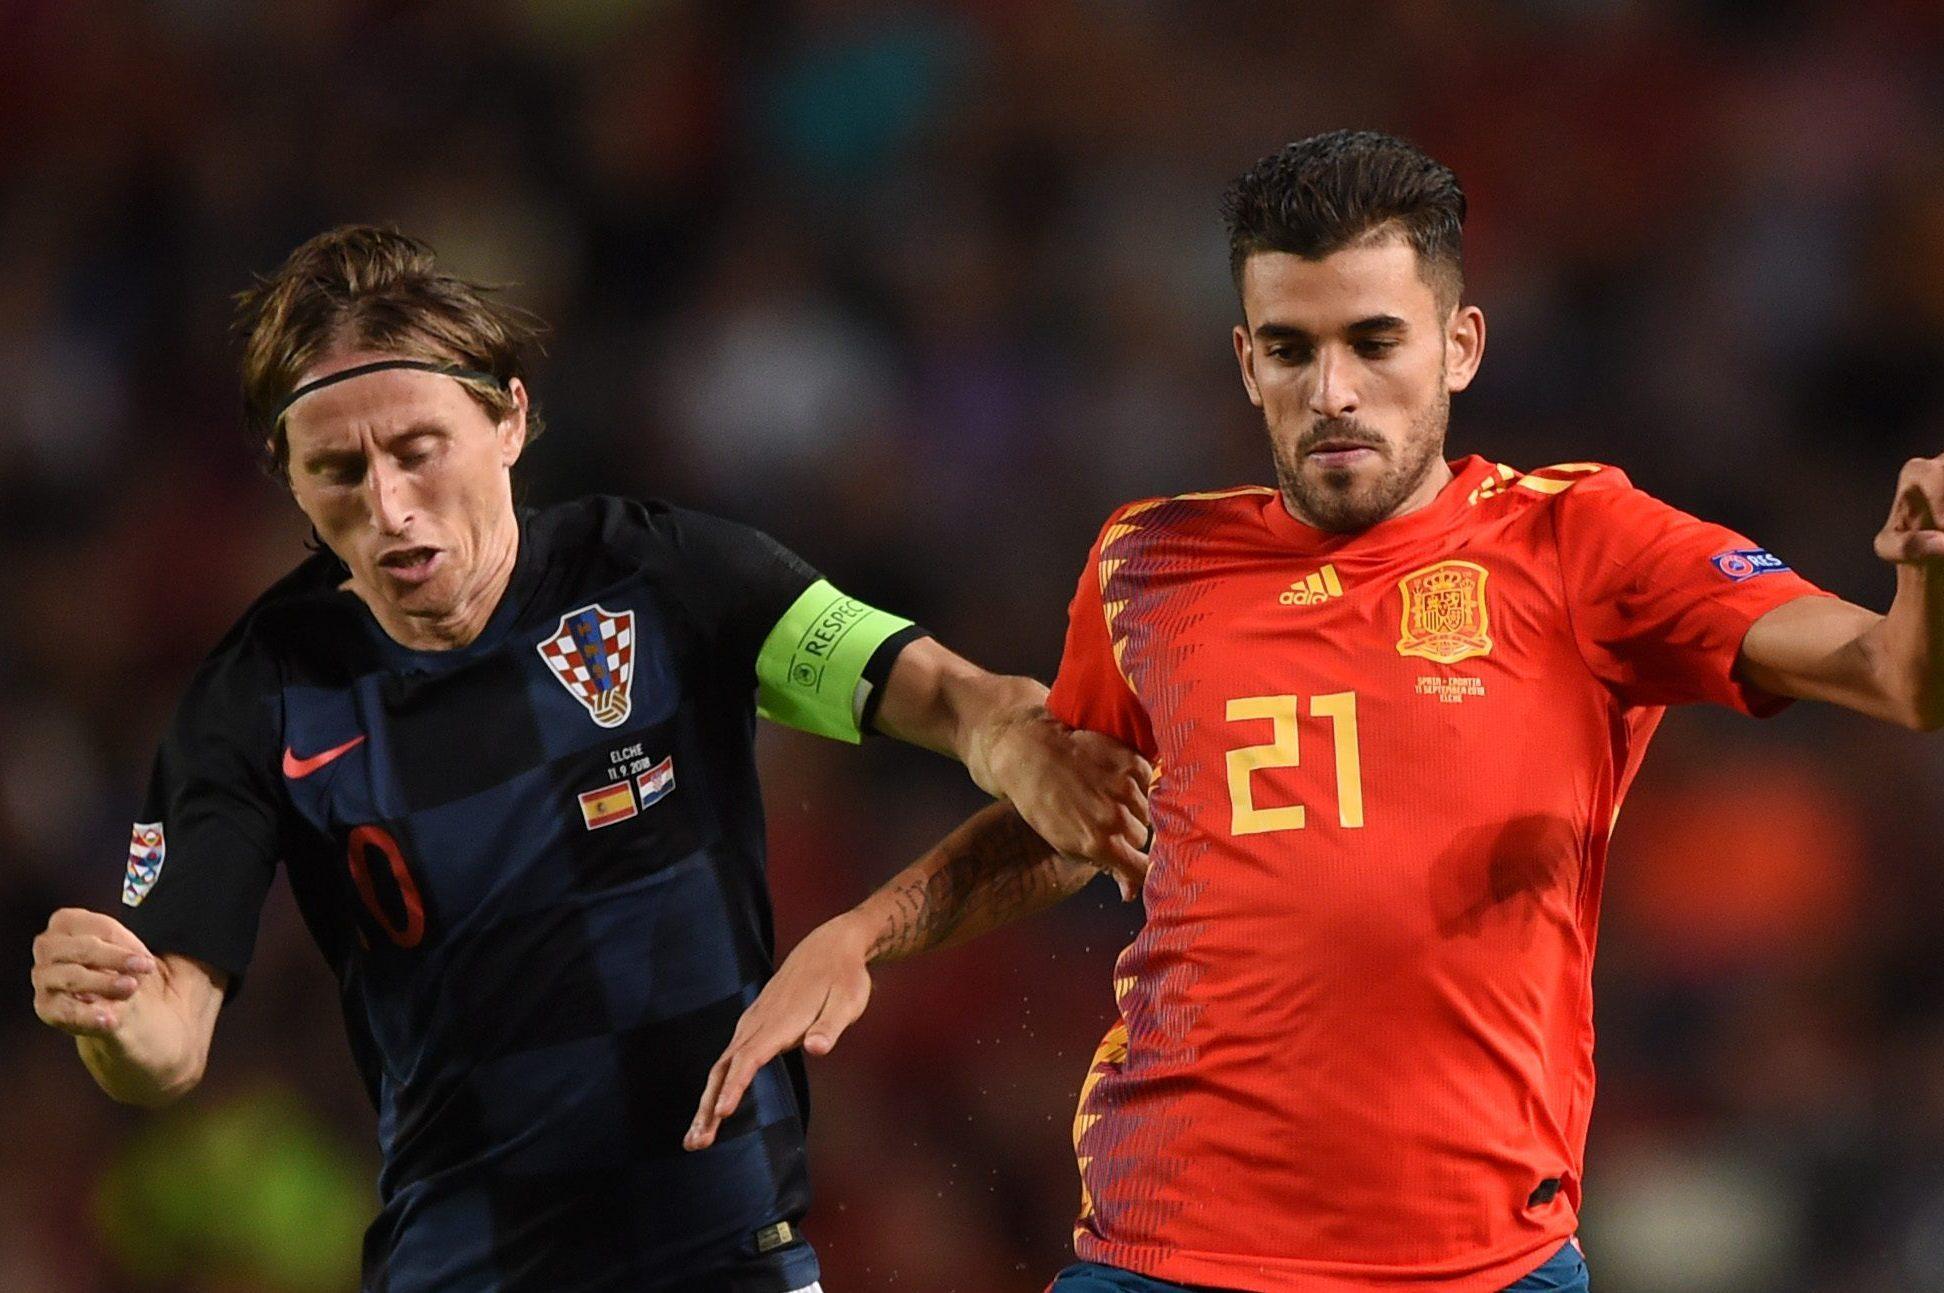 Chi vince Croazia-Spagna agli Europei: la partita sarà decisa dal ...